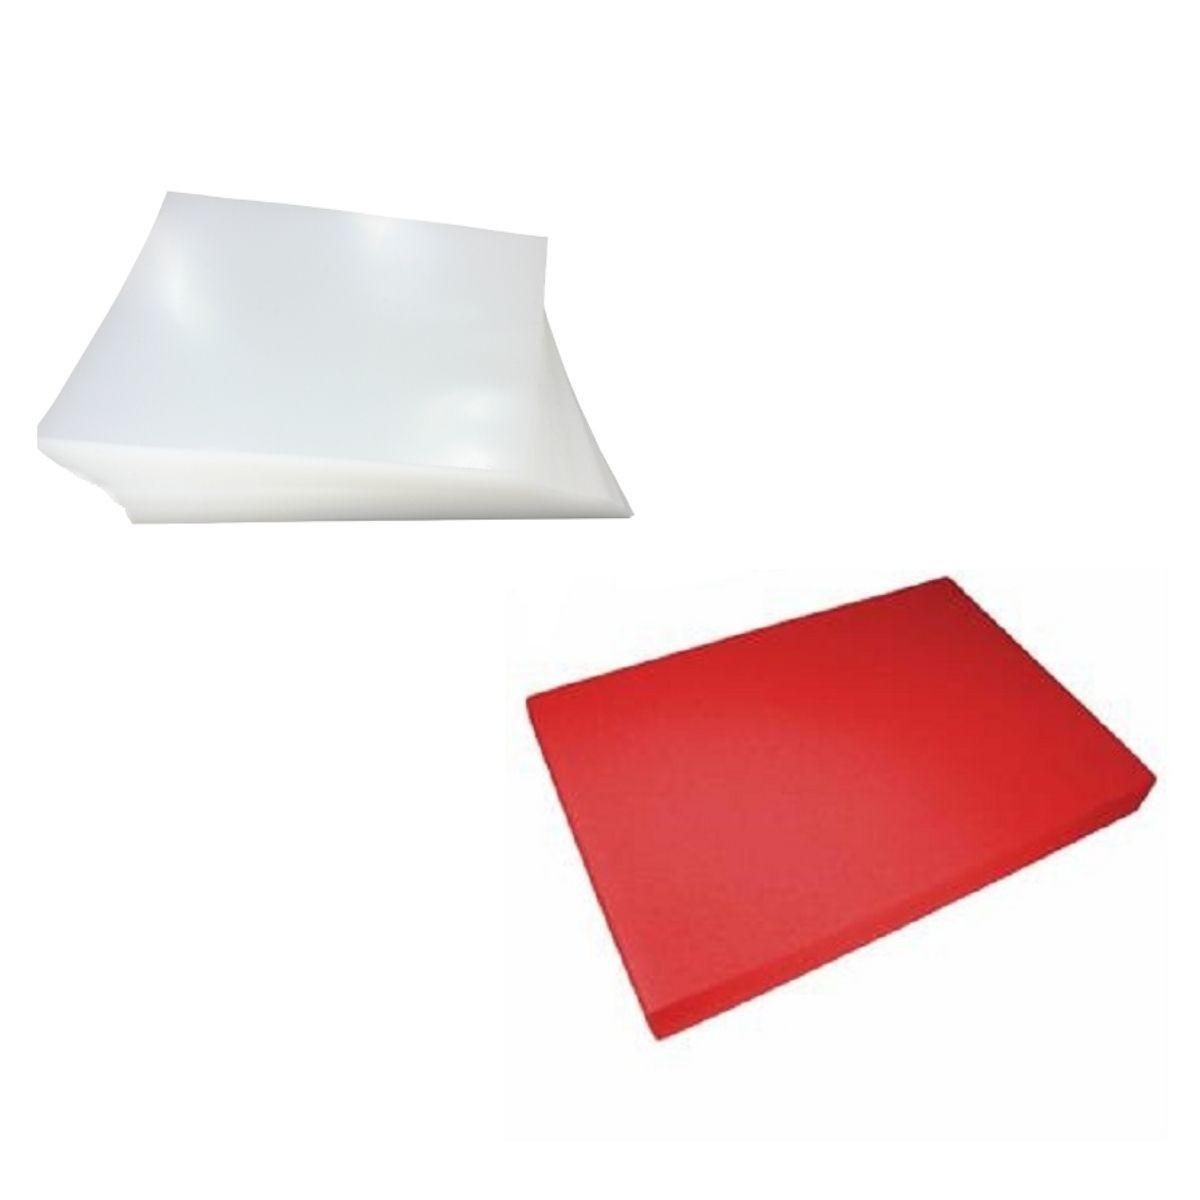 Kit 200 Capas para Encadernação A4 - Cristal Line (Frente) e Vermelha Couro (Fundo)  - Click Suprimentos